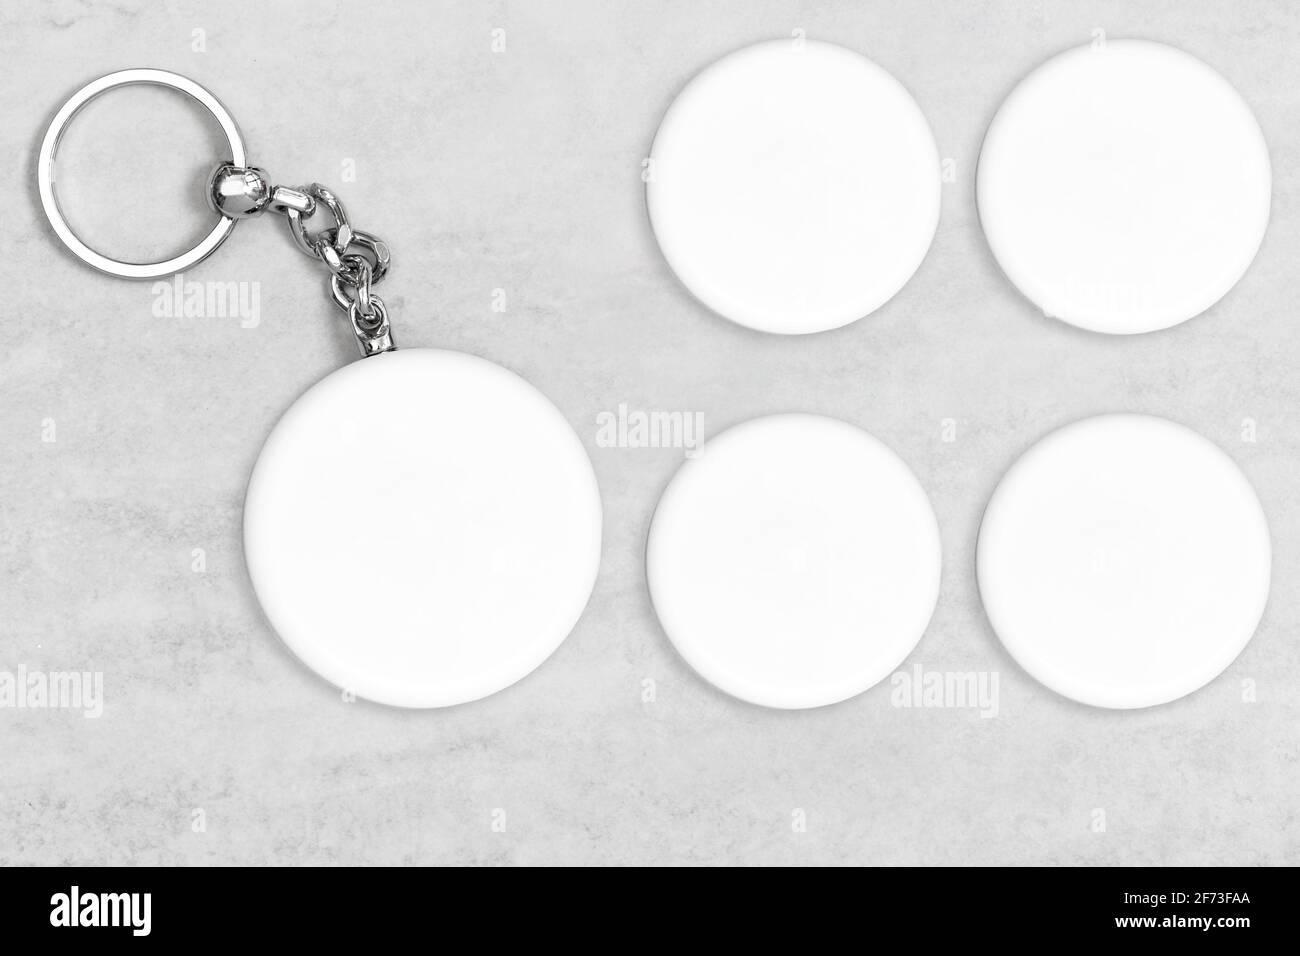 Modèle porte-clés pour afficher votre style. Maquette de porte-clés Banque D'Images